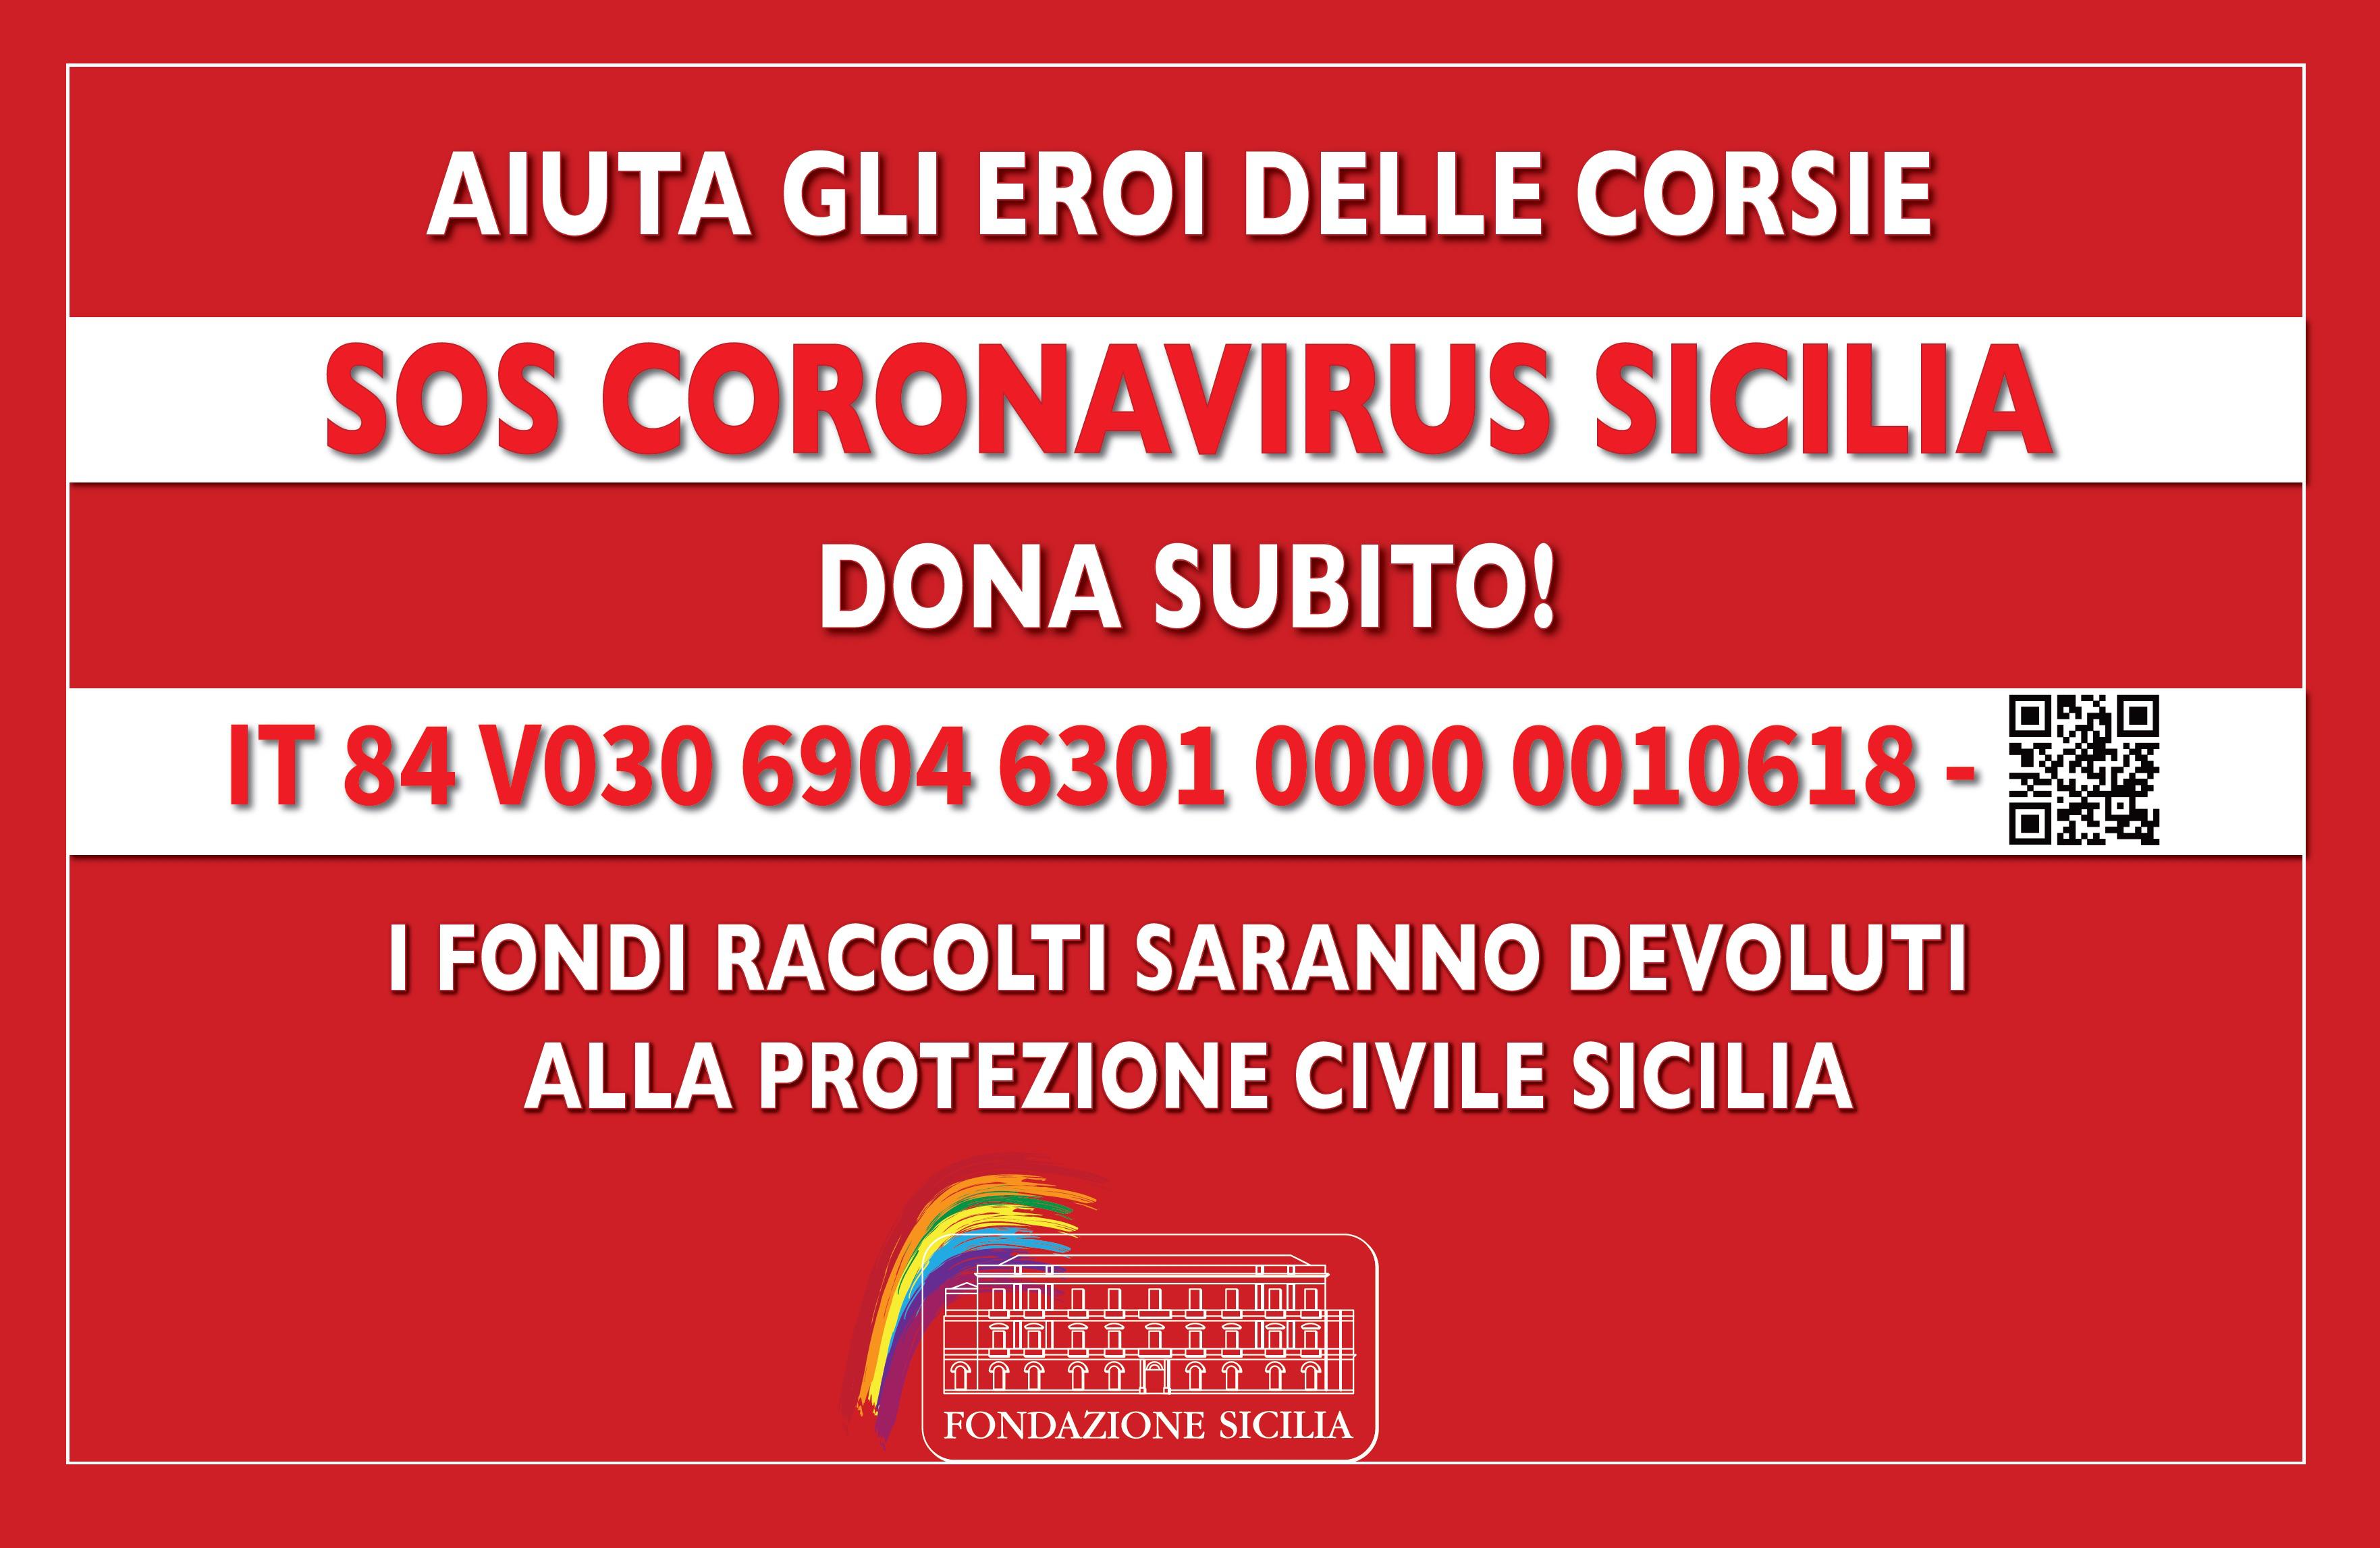 Coronavirus, al via campagna per gli 'eroi delle corsie'